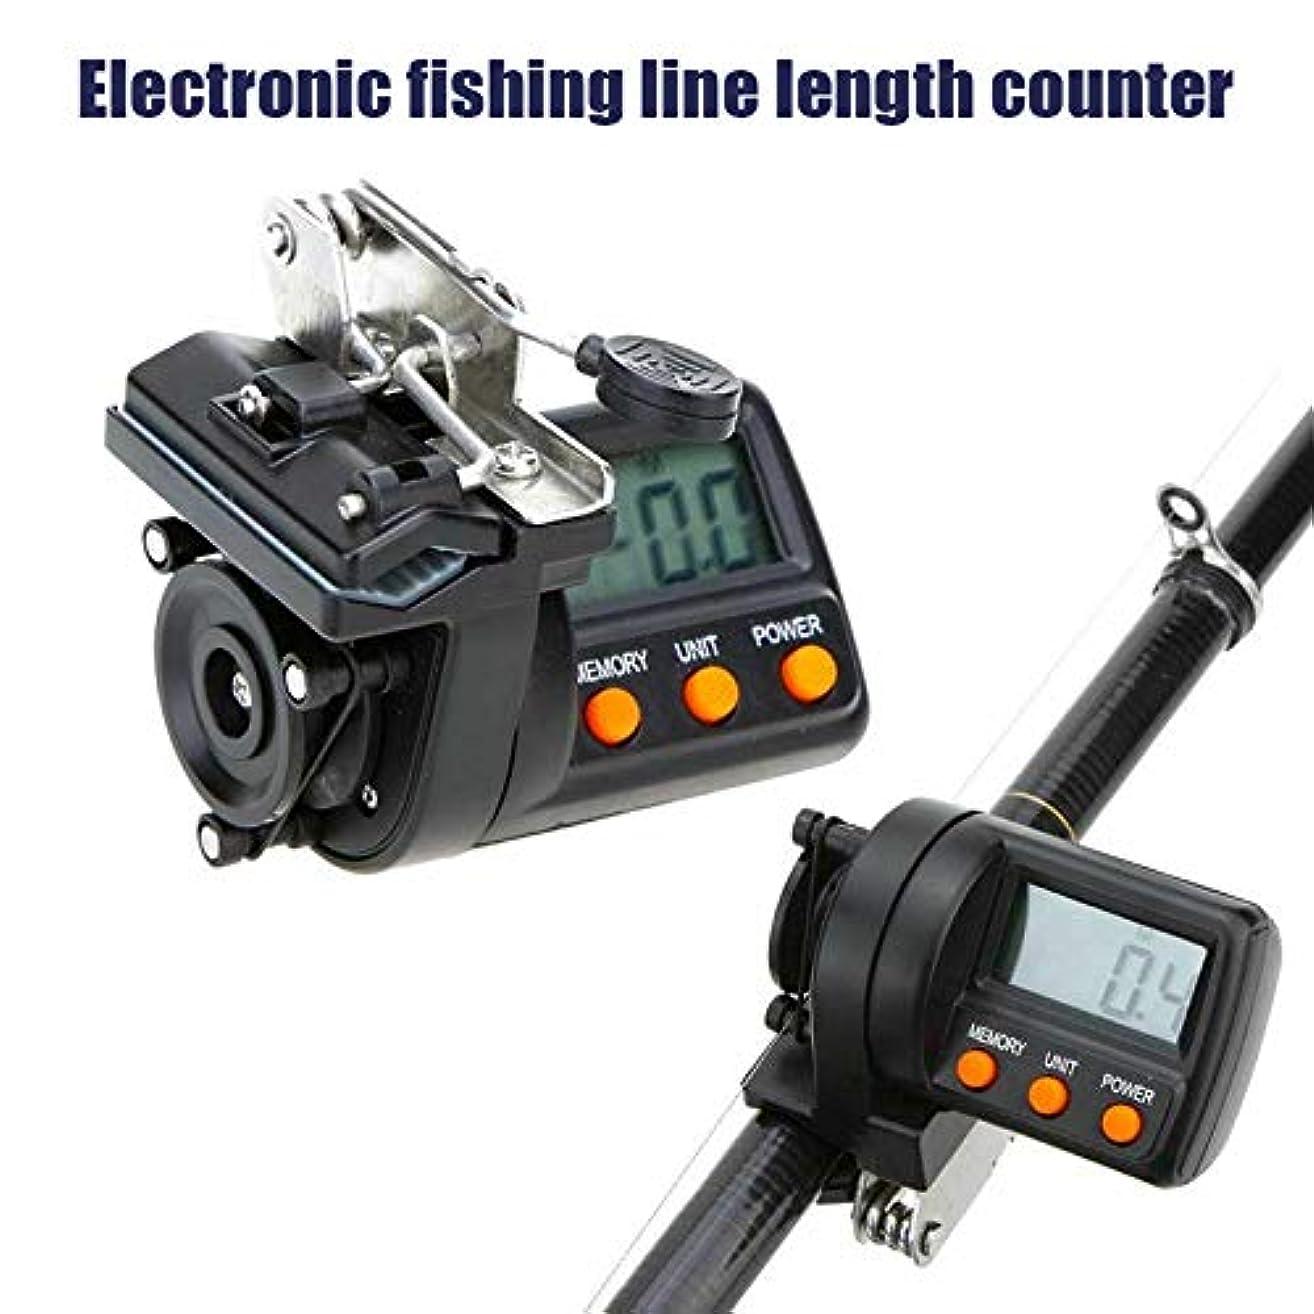 冷淡な鰐急いでAylincool   釣り糸カウンターデジタルクリップオン深さゲージLEDデジタルディスプレイ付き最大測定長999.9 M